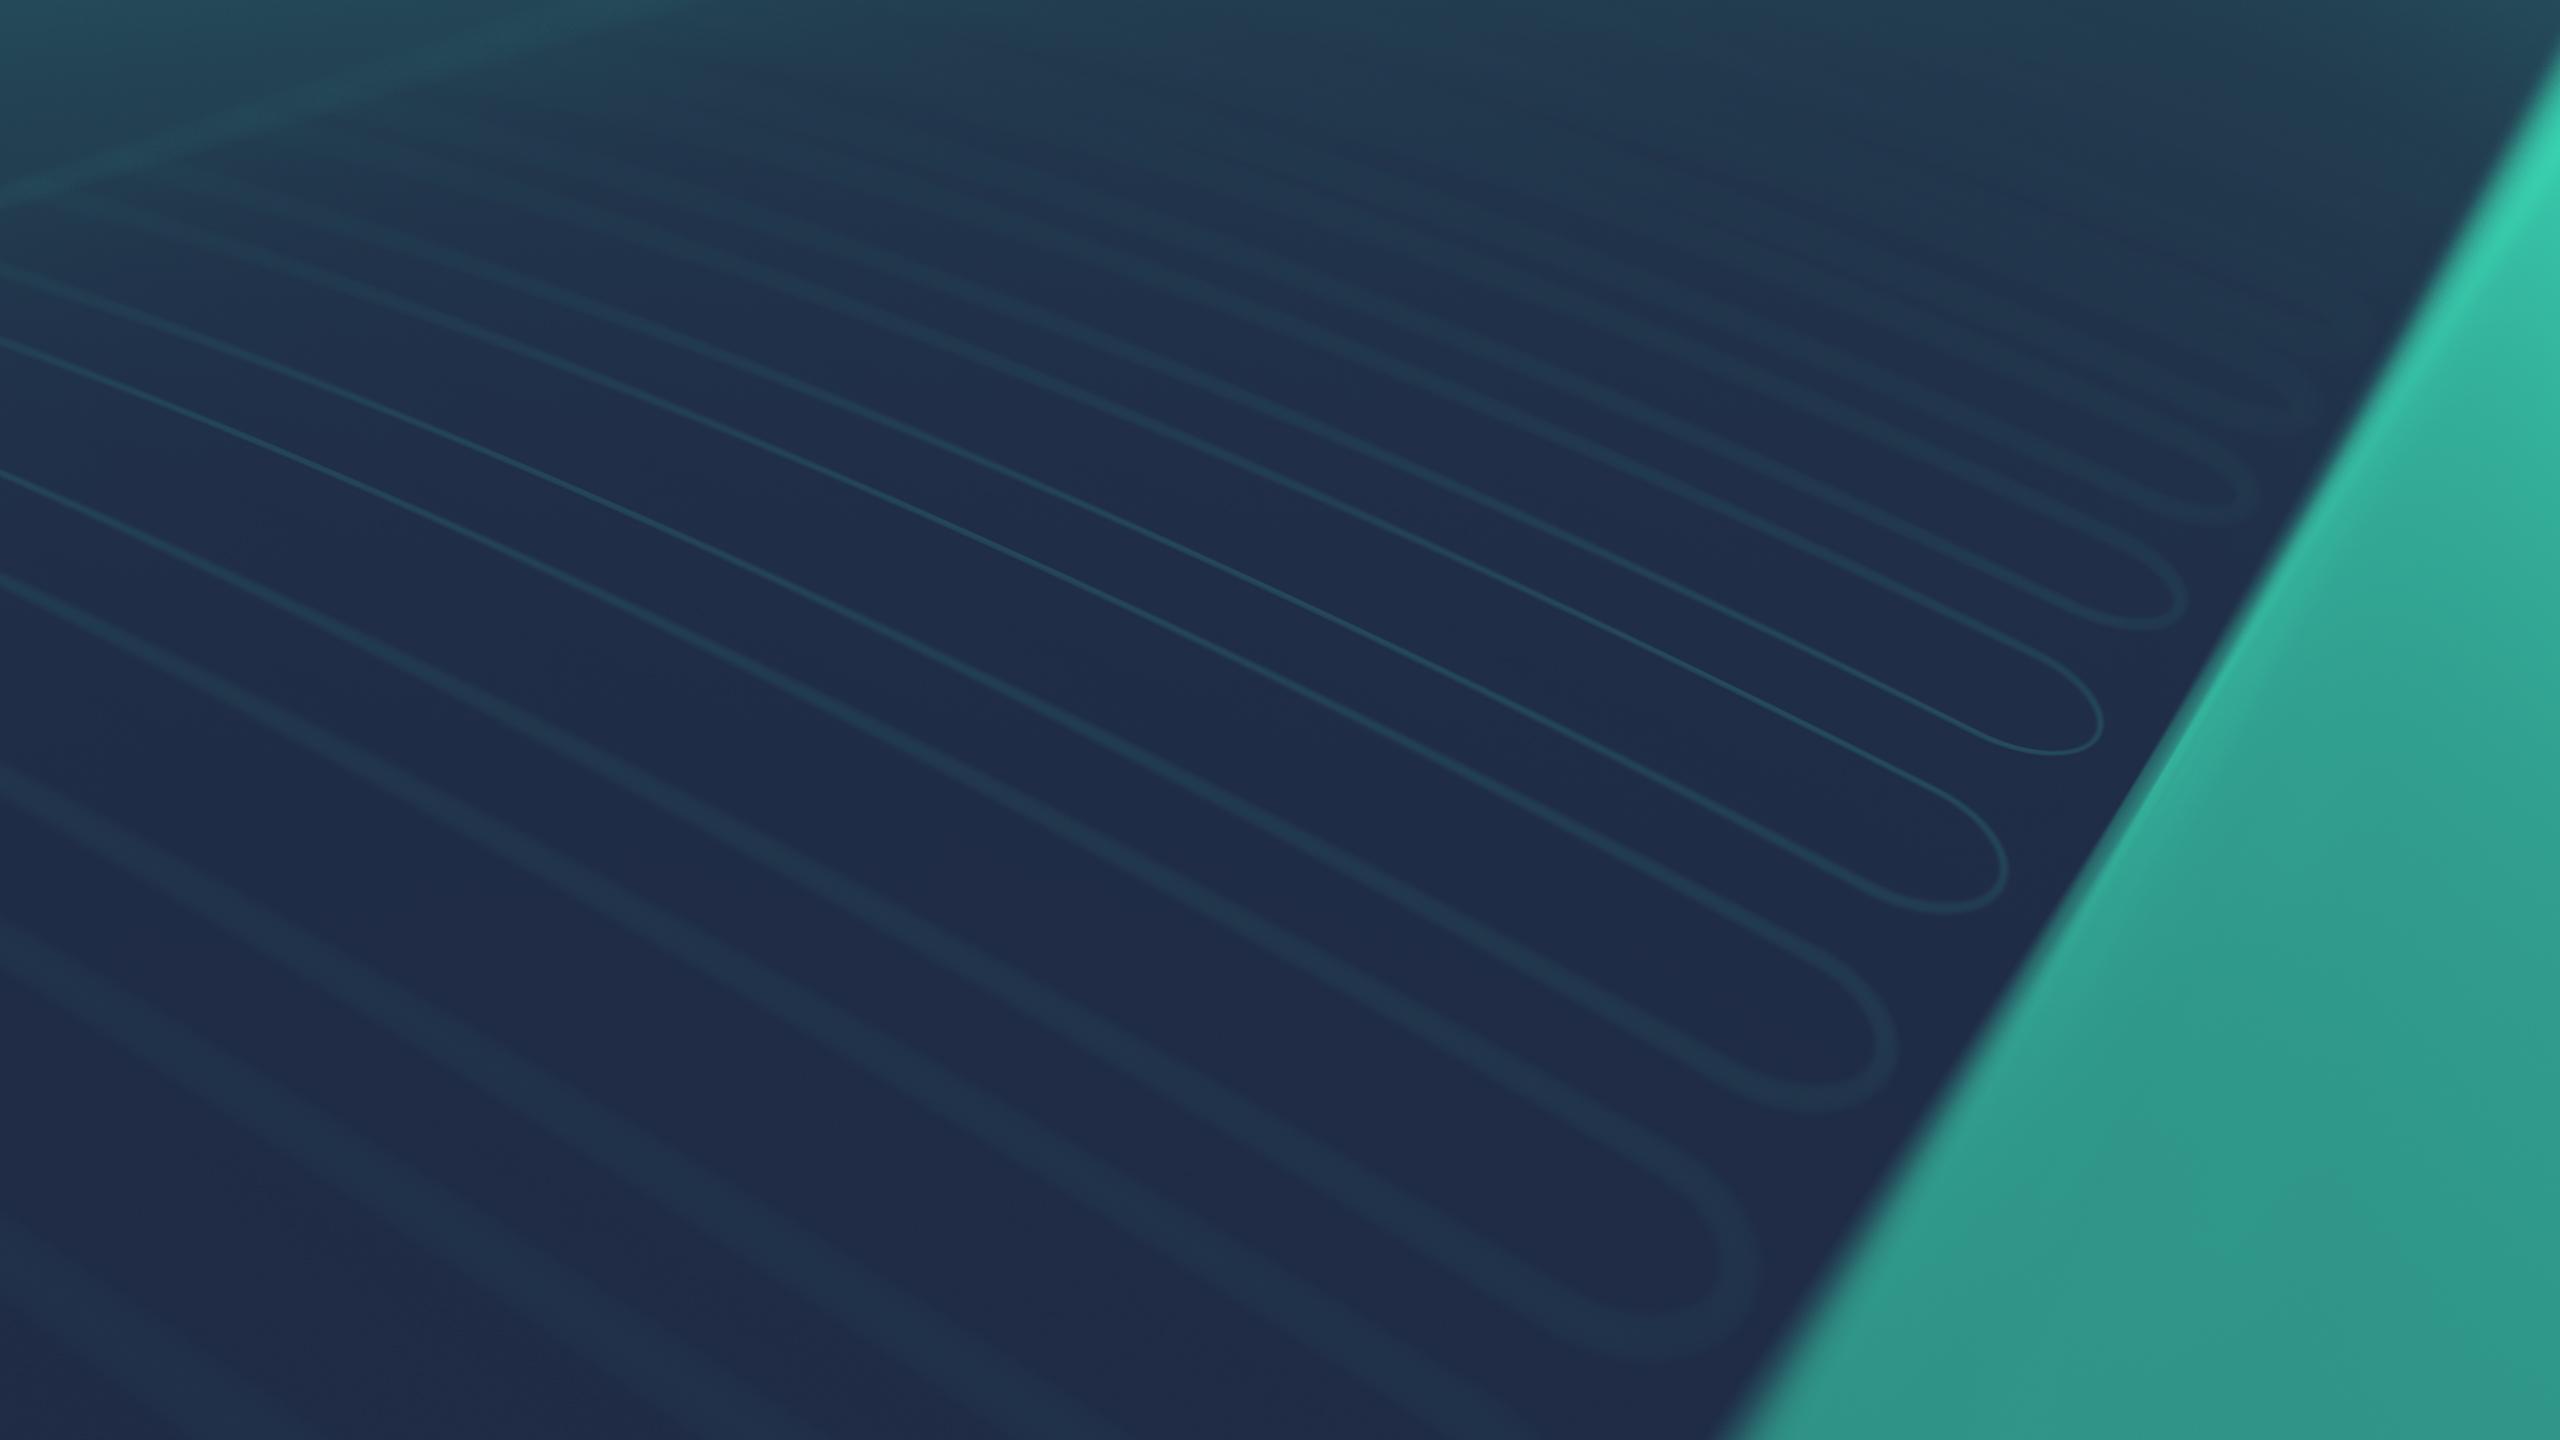 ZONNEPANELEN Voor het zonnedek wordt gebruik gemaakt van dunne film zonnepanelen, ook wel CIGS zonnepanelen genoemd. Deze panelen bieden veel perspectief voor toepassing doordat ze buigbaar zijn en veel duurzamer geproduceerd kunnen worden als silicium cellen. CIGS panelen hebben op het moment nog een lagere efficiëntie dan sommige andere type zonnepanelen, maar er wordt nog veel onderzoek gedaan naar de mogelijkheden van CIGS panelen waardoor ze een hoge potentie hebben. Met behulp van speciale apparaten (MPPT's) wordt het maximale vermogen, dat de zonnepanelen kunnen leveren, geoptimaliseerd afhankelijk van o.a. lichtsterkte en temperatuur. Zo wordt de energie die wordt opgevangen door de panelen efficiënt omgezet in elektrische energie.